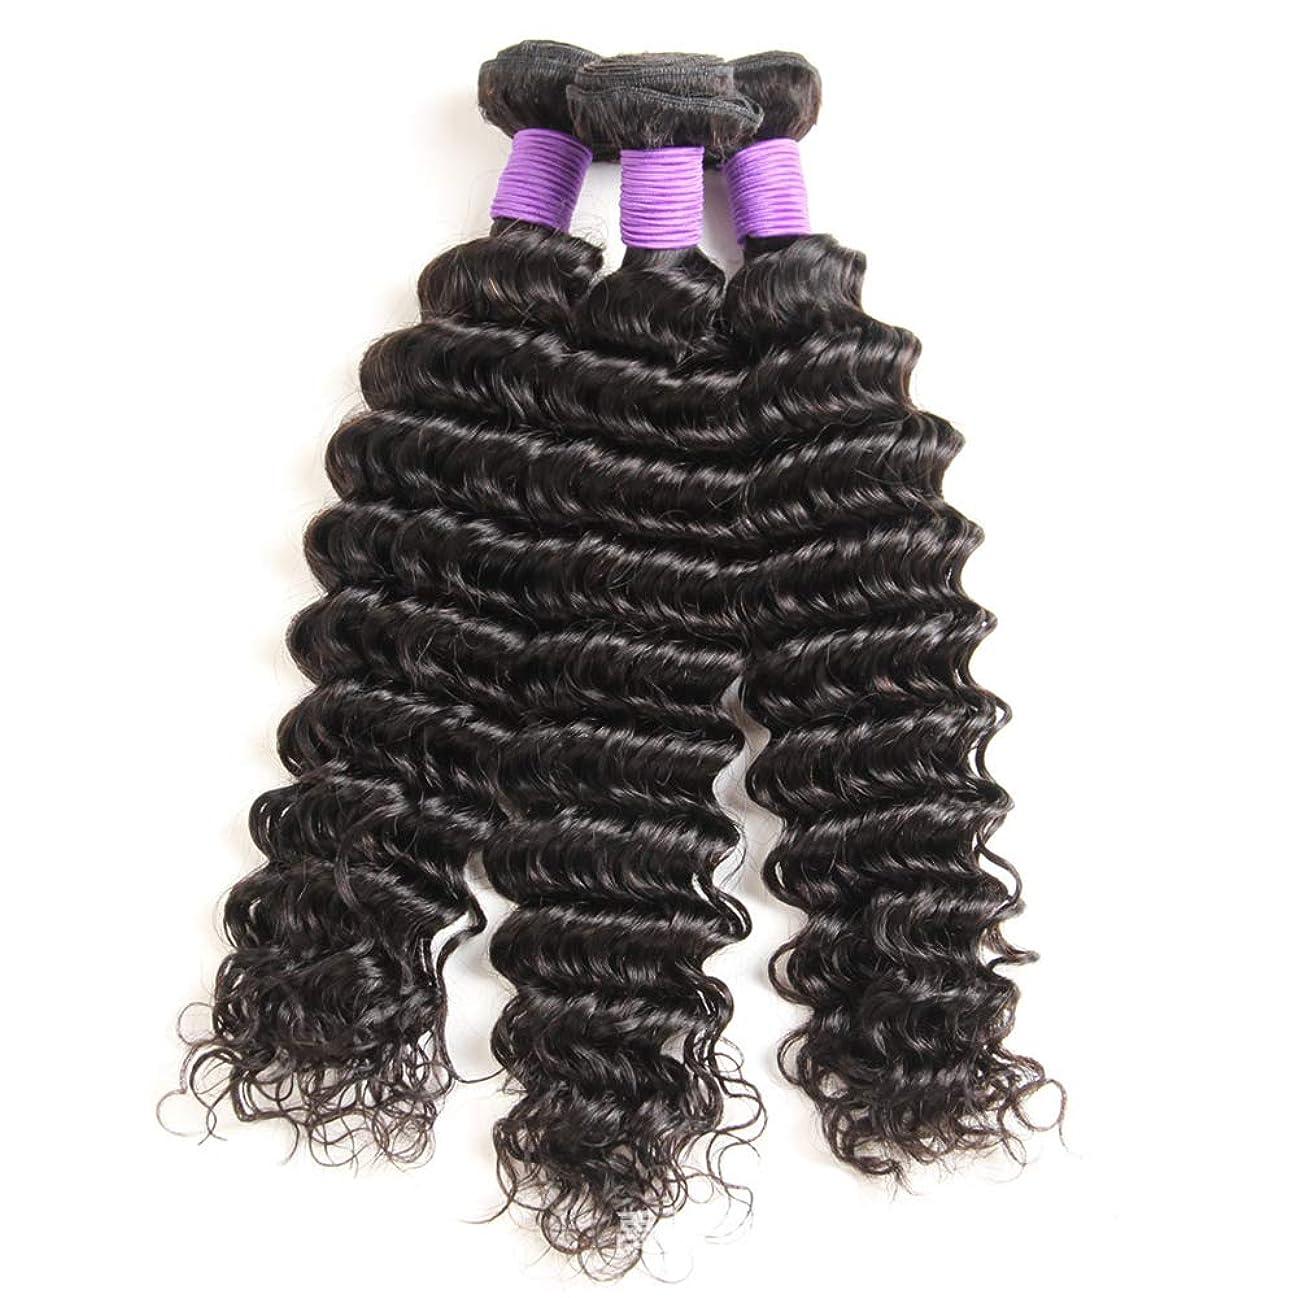 線形謝罪するテメリティ女性150%密度ブラジルのカーリーヘアー1バンドルディープウェーブ未処理の人間の毛髪延長ブラジルのバージンヘアディープカーリーウェーブ